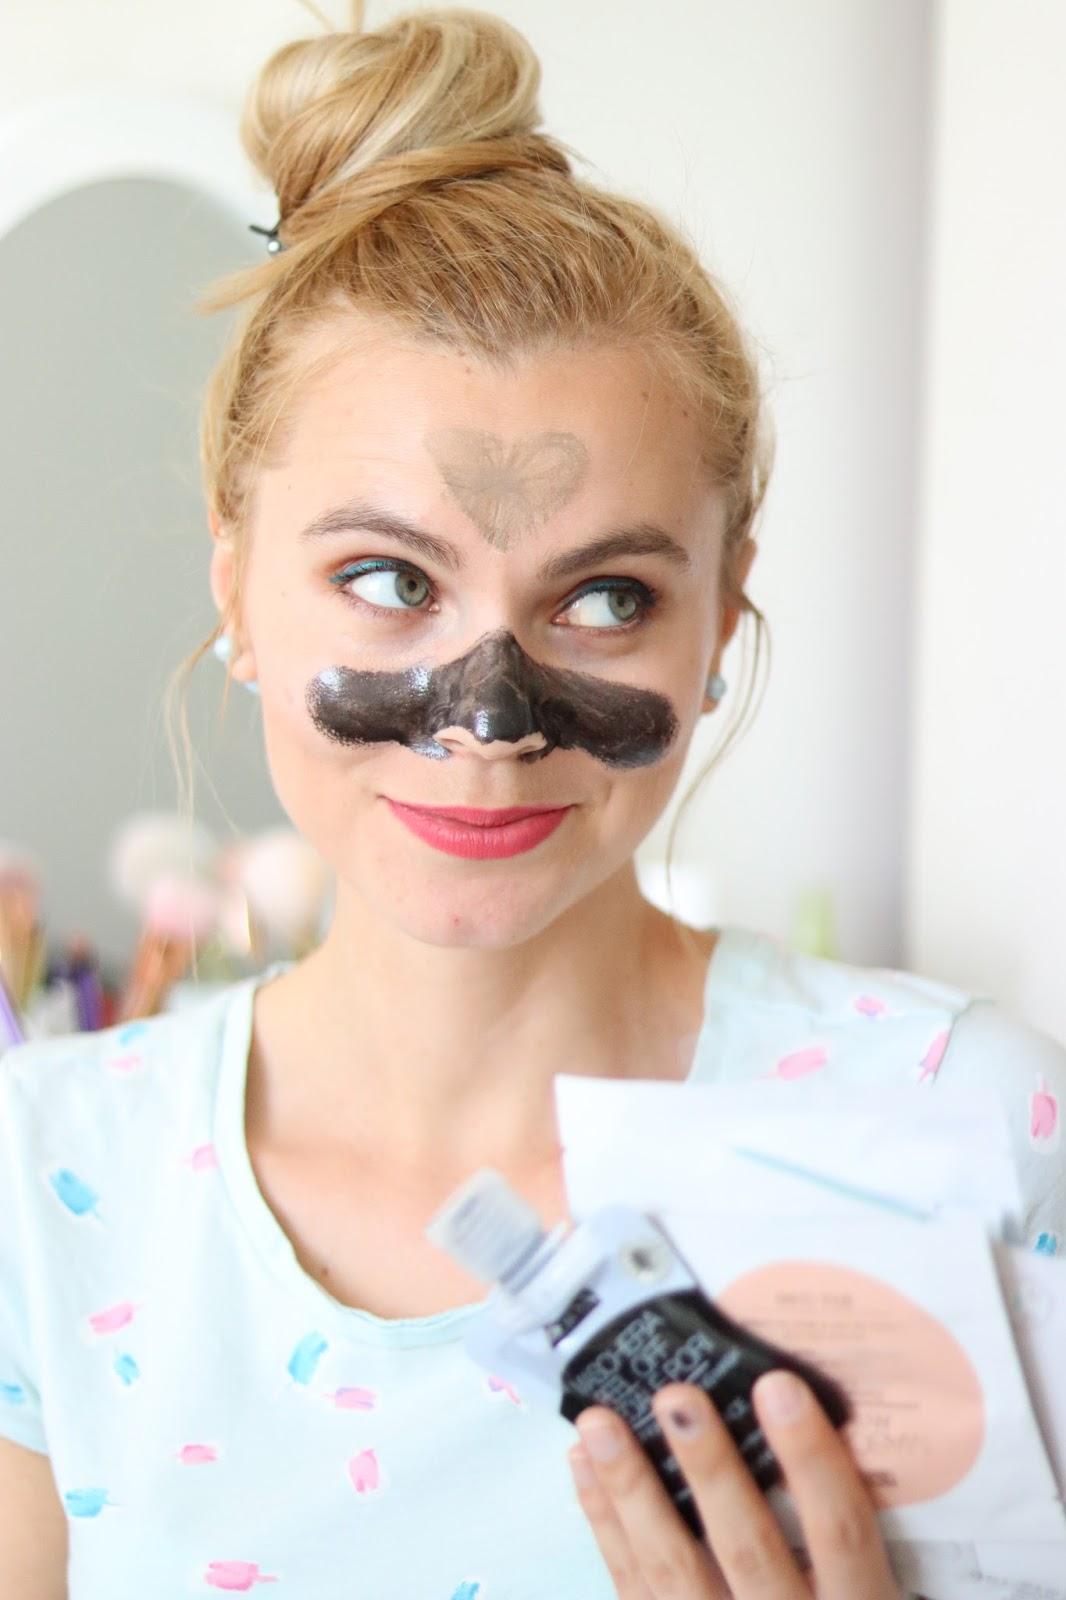 slovak beauty blogger